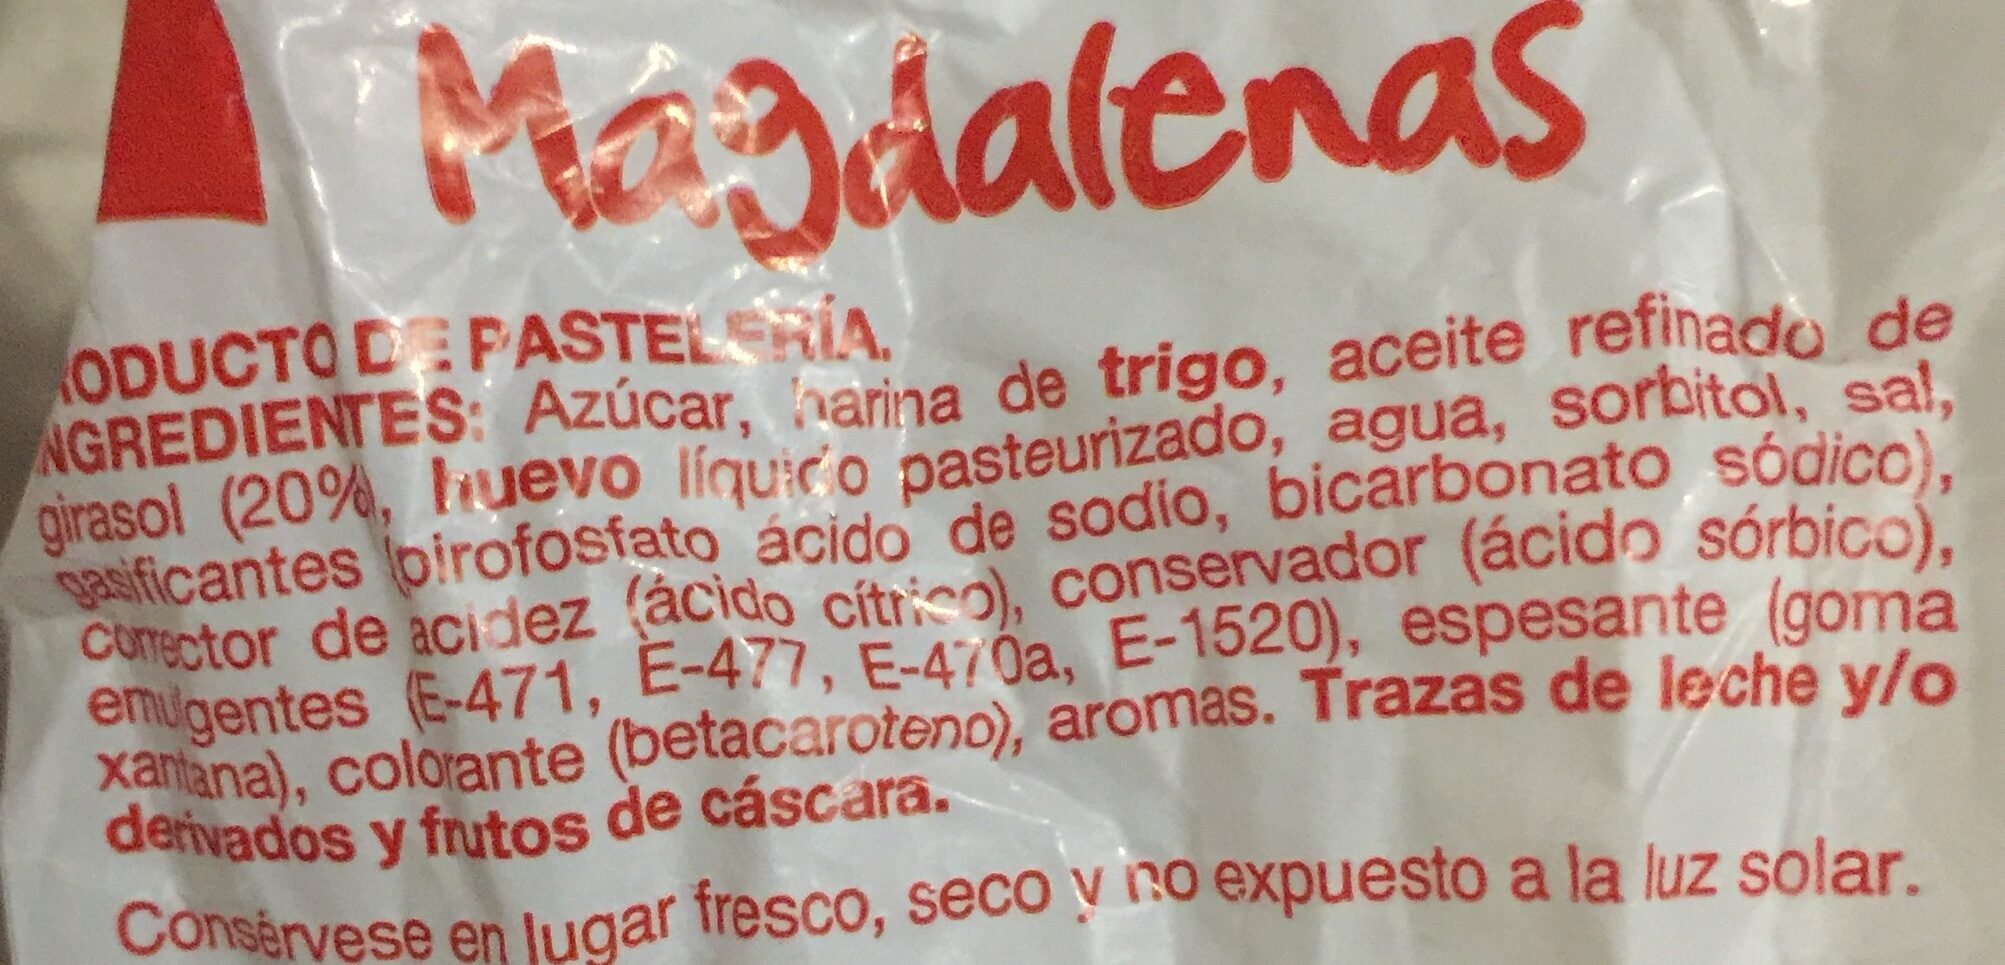 Magdalenas cuadradas - Ingredientes